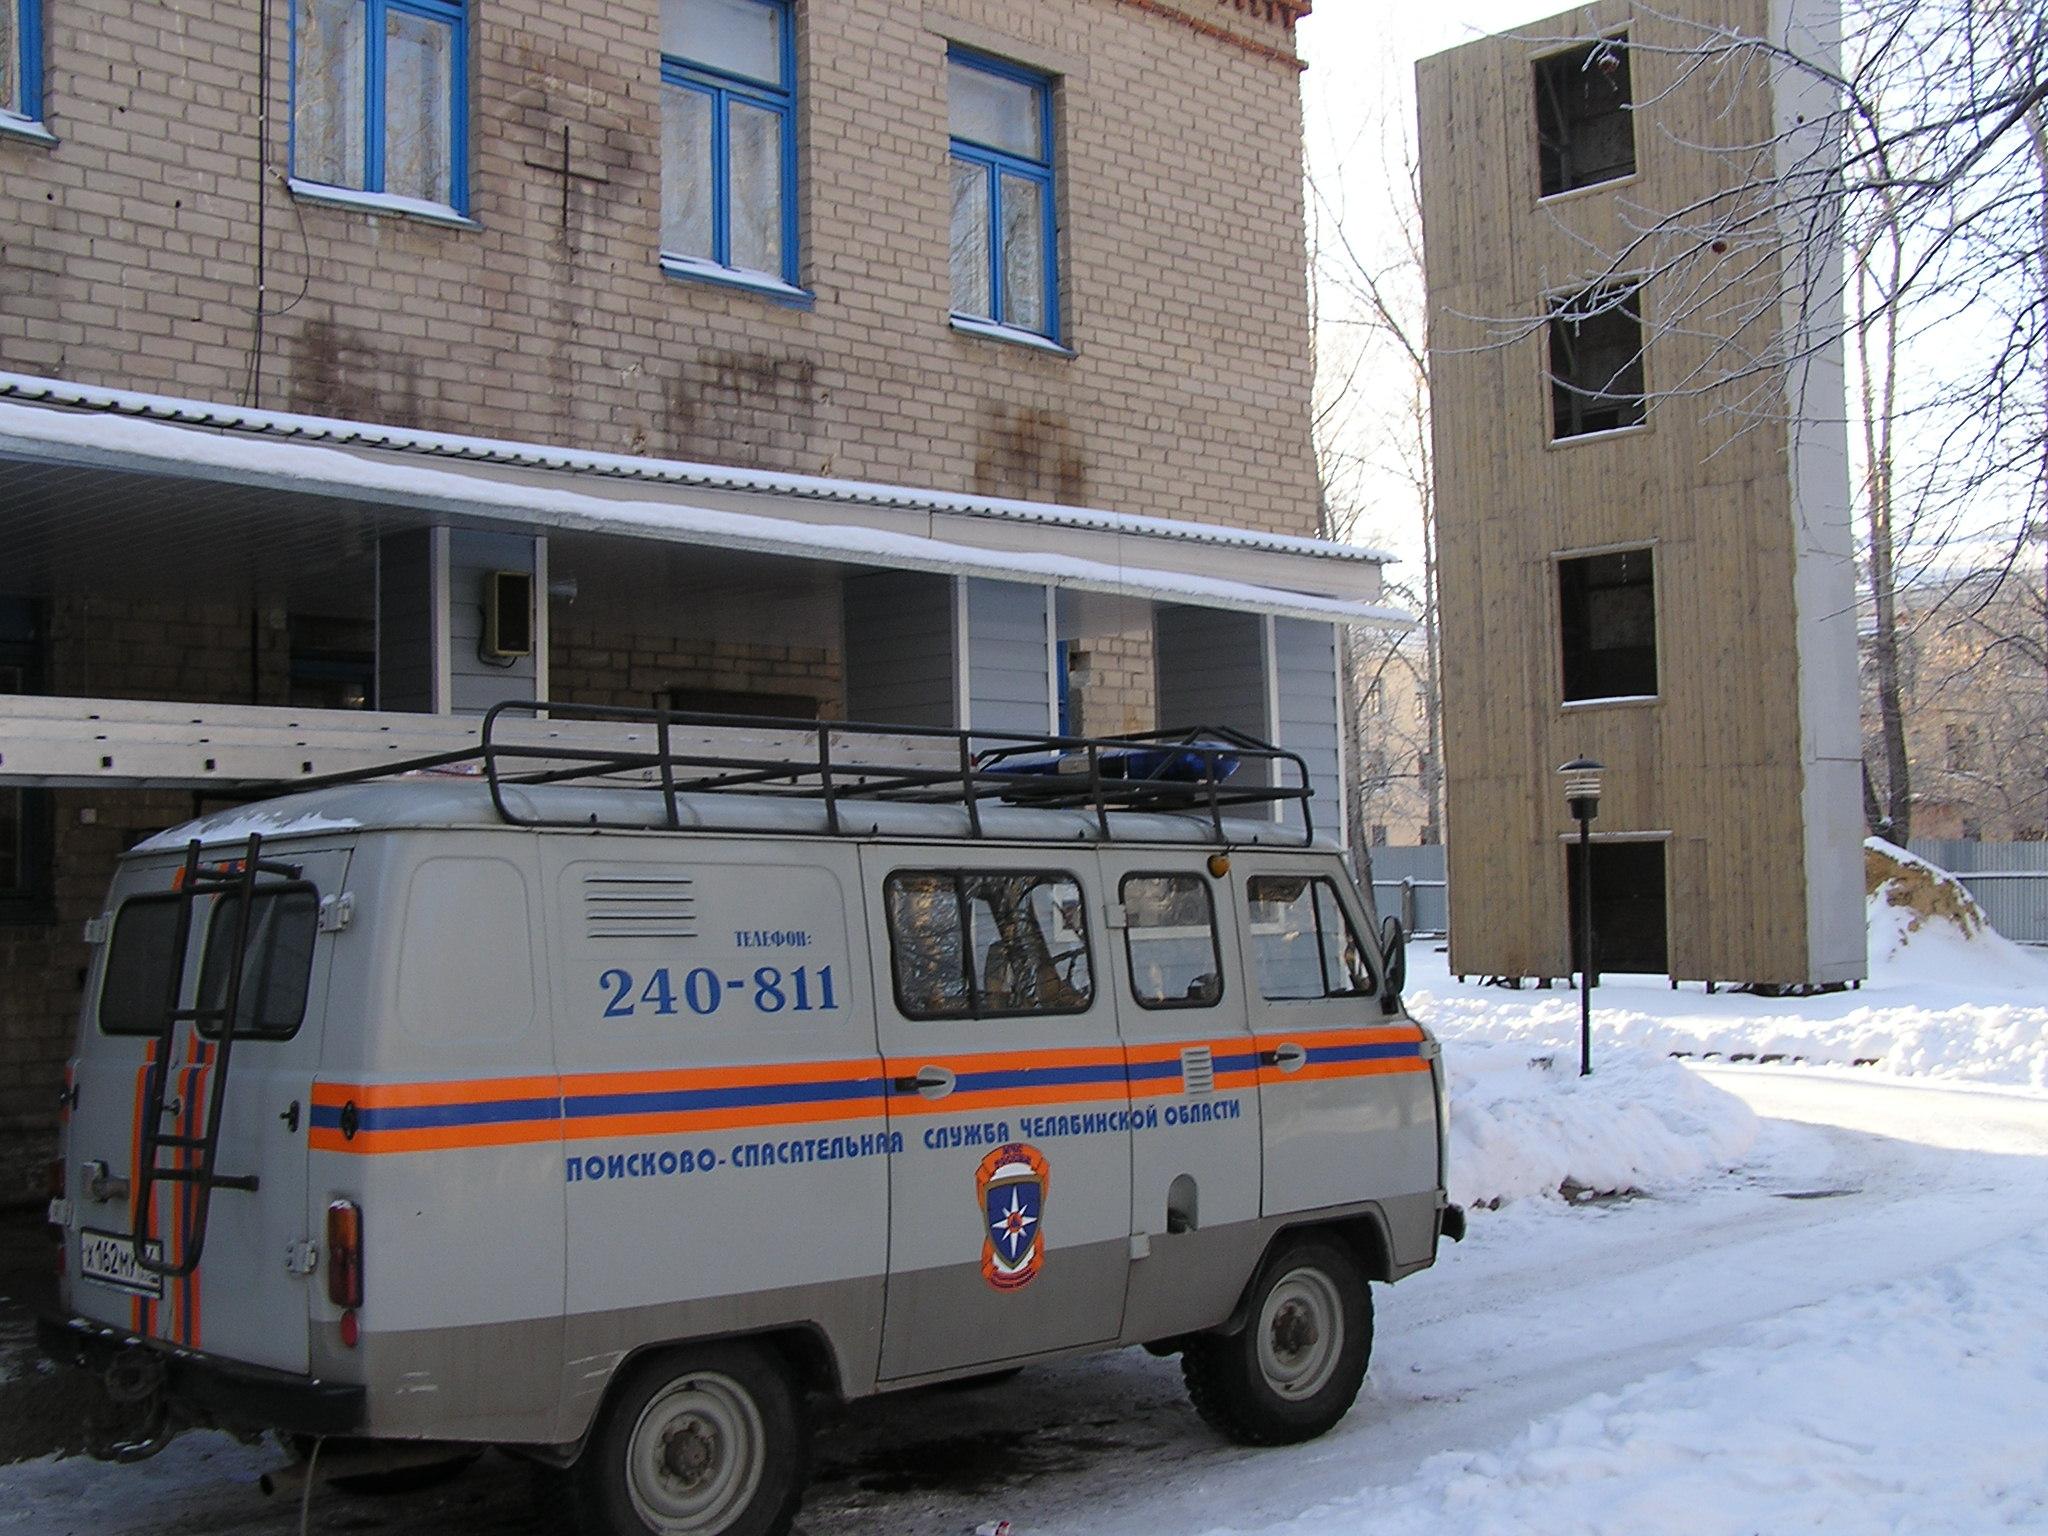 Как сообщили агентству «Урал-пресс-информ» в Поисково-спасательной службе Челябинской области, ин